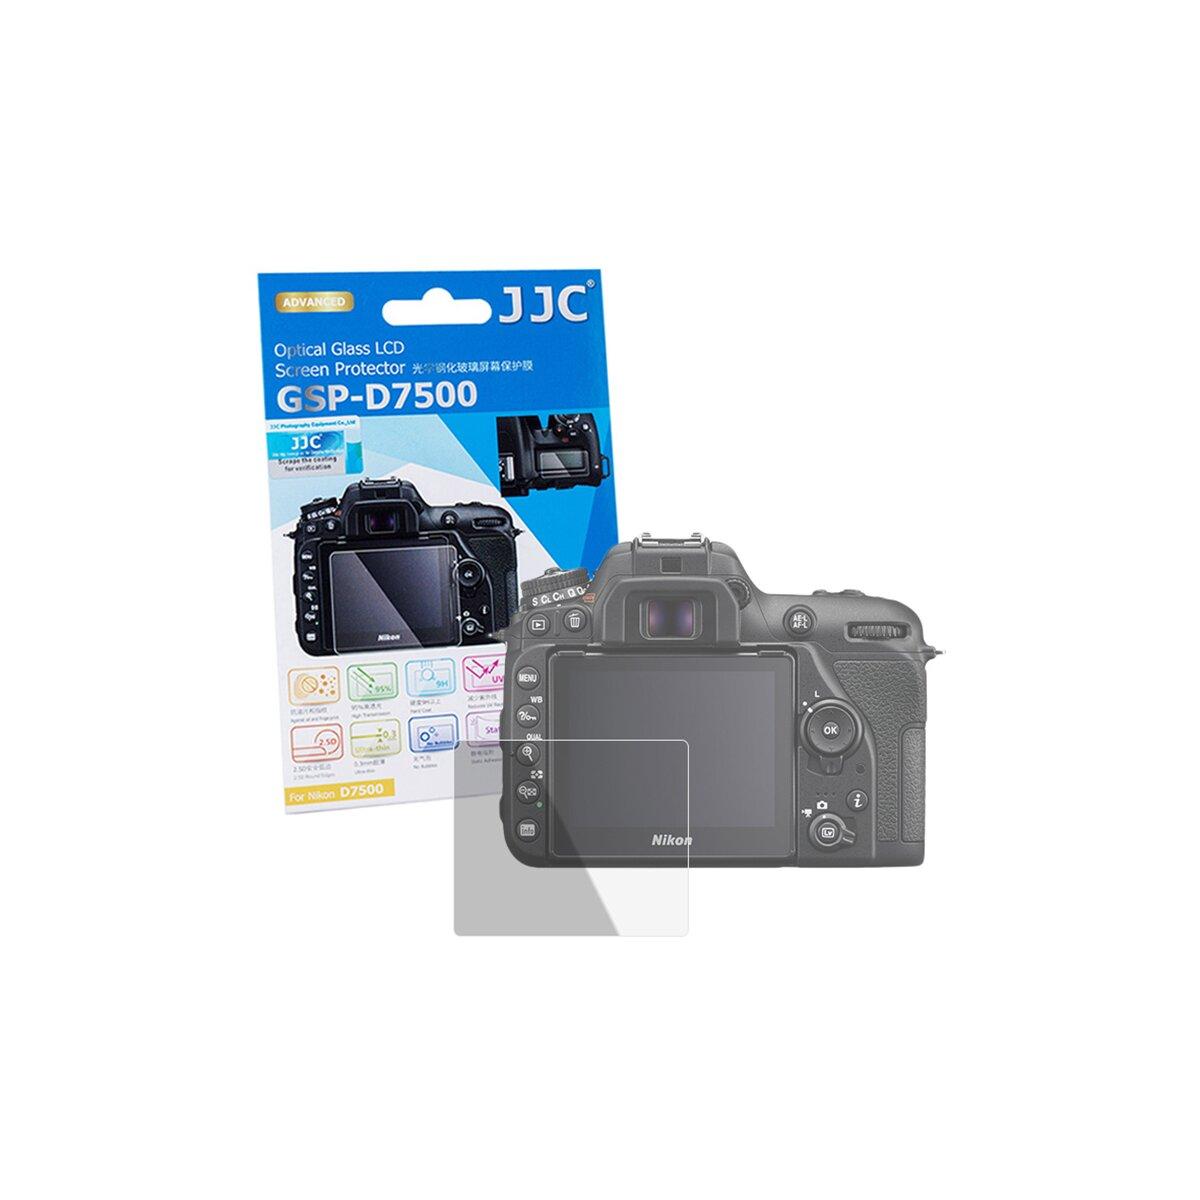 JJC Hochwertiger Displayschutz Screen Protector aus gehaertetem Echtglas, kompatibel mit Canon EOS 200D Hochwertiger Displayschutz Screen Protector aus gehärtetem Echtglas, kompatibel mit Nikon D7500